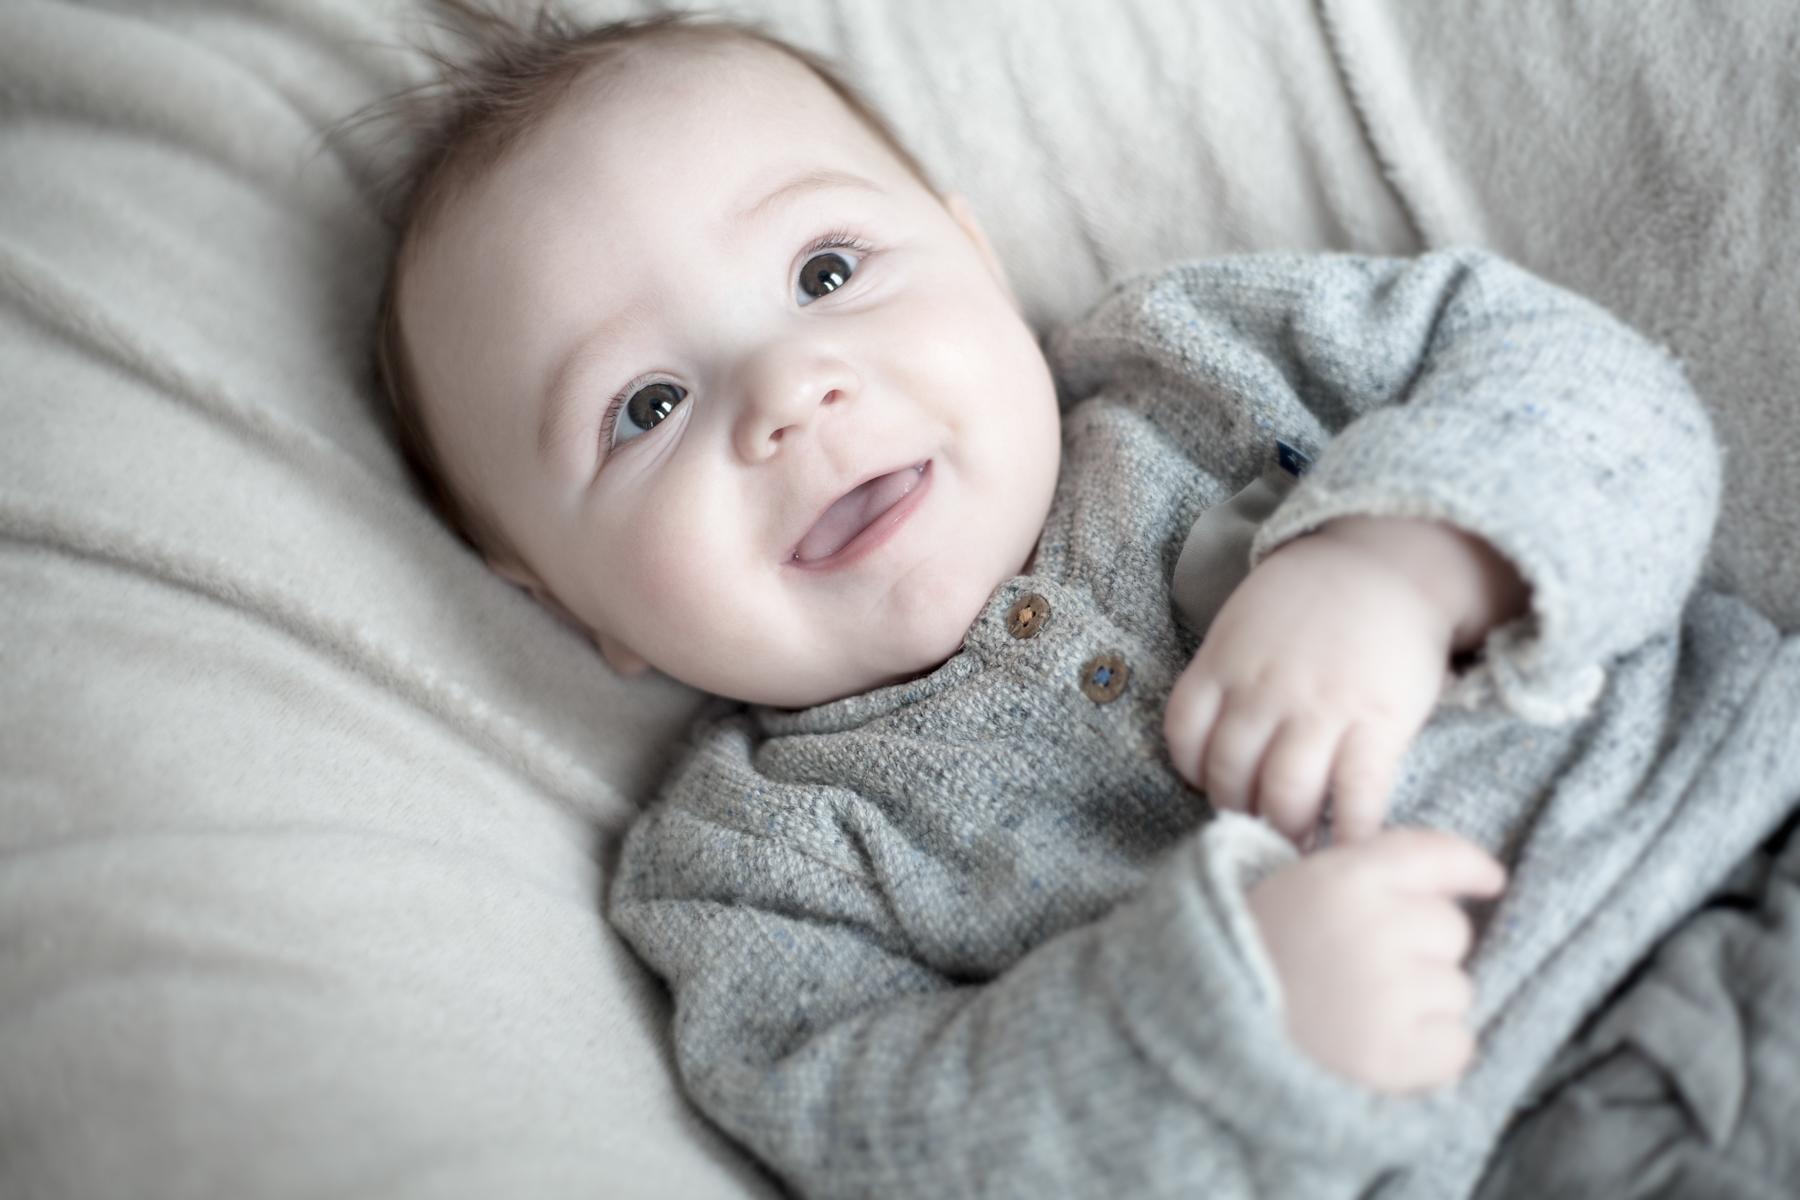 fotoshoot, baby, babyfotografie, fotografie, fotograaf, glenn vanderbeke